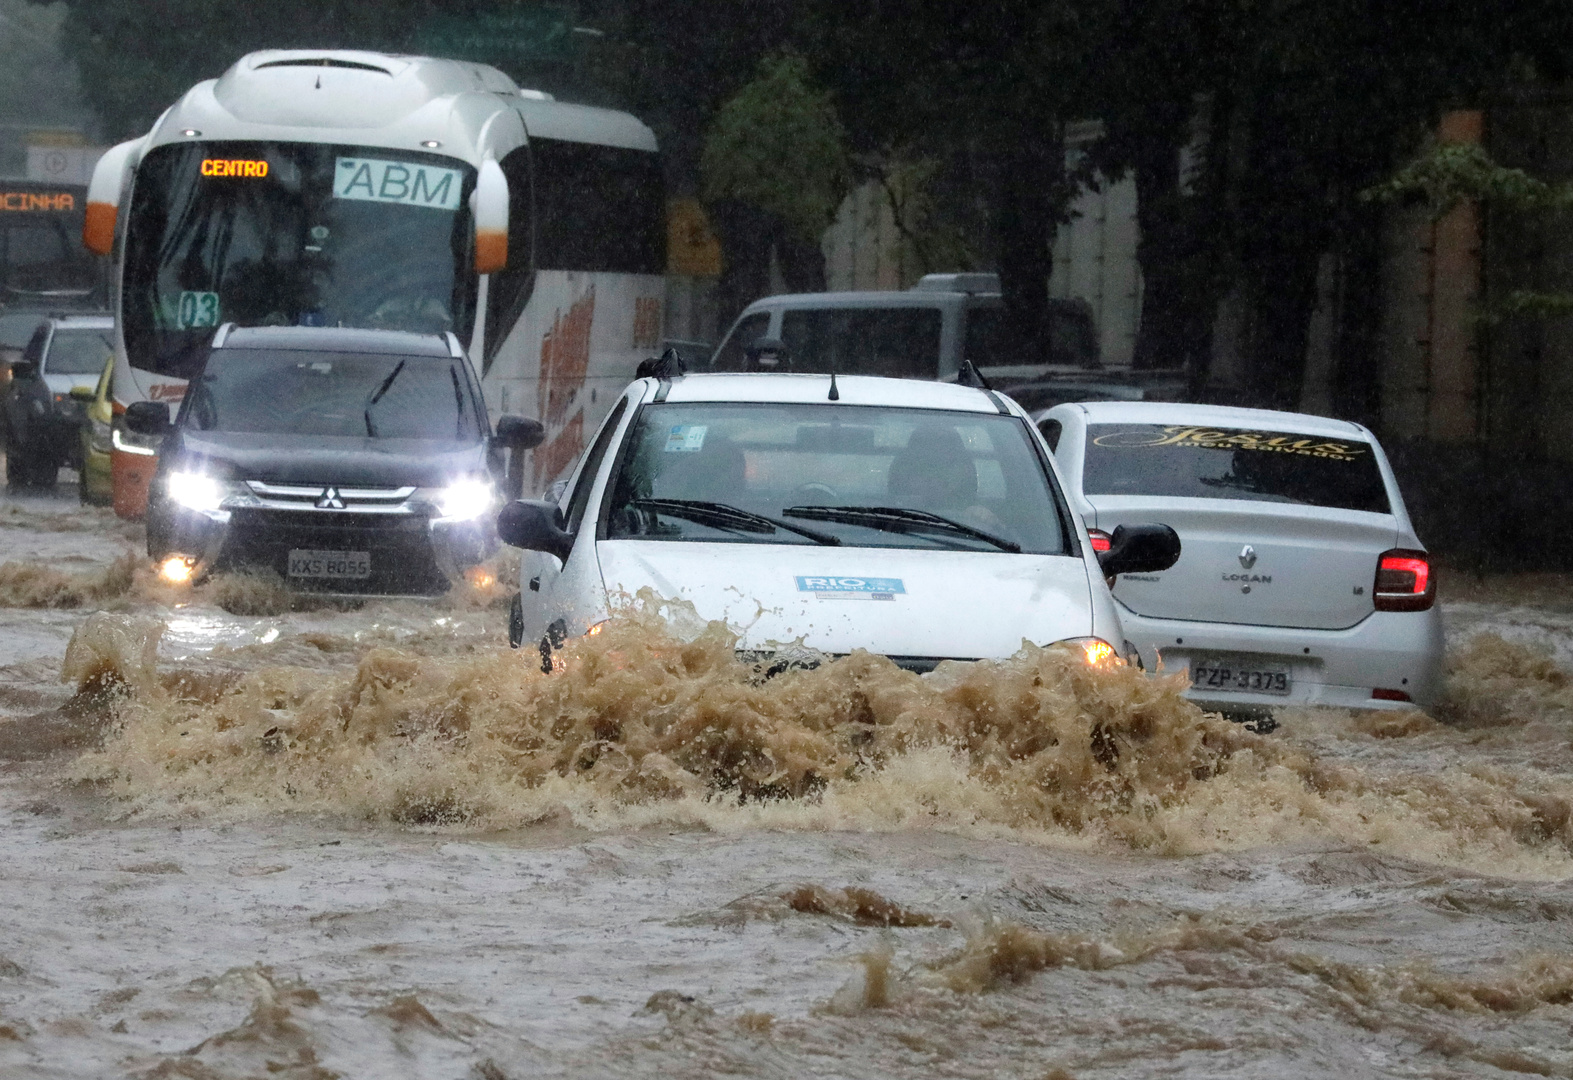 ارتفاع حصيلة ضحايا فيضانات البرازيل إلى  30 قتيلا وفقدان 17 آخرين